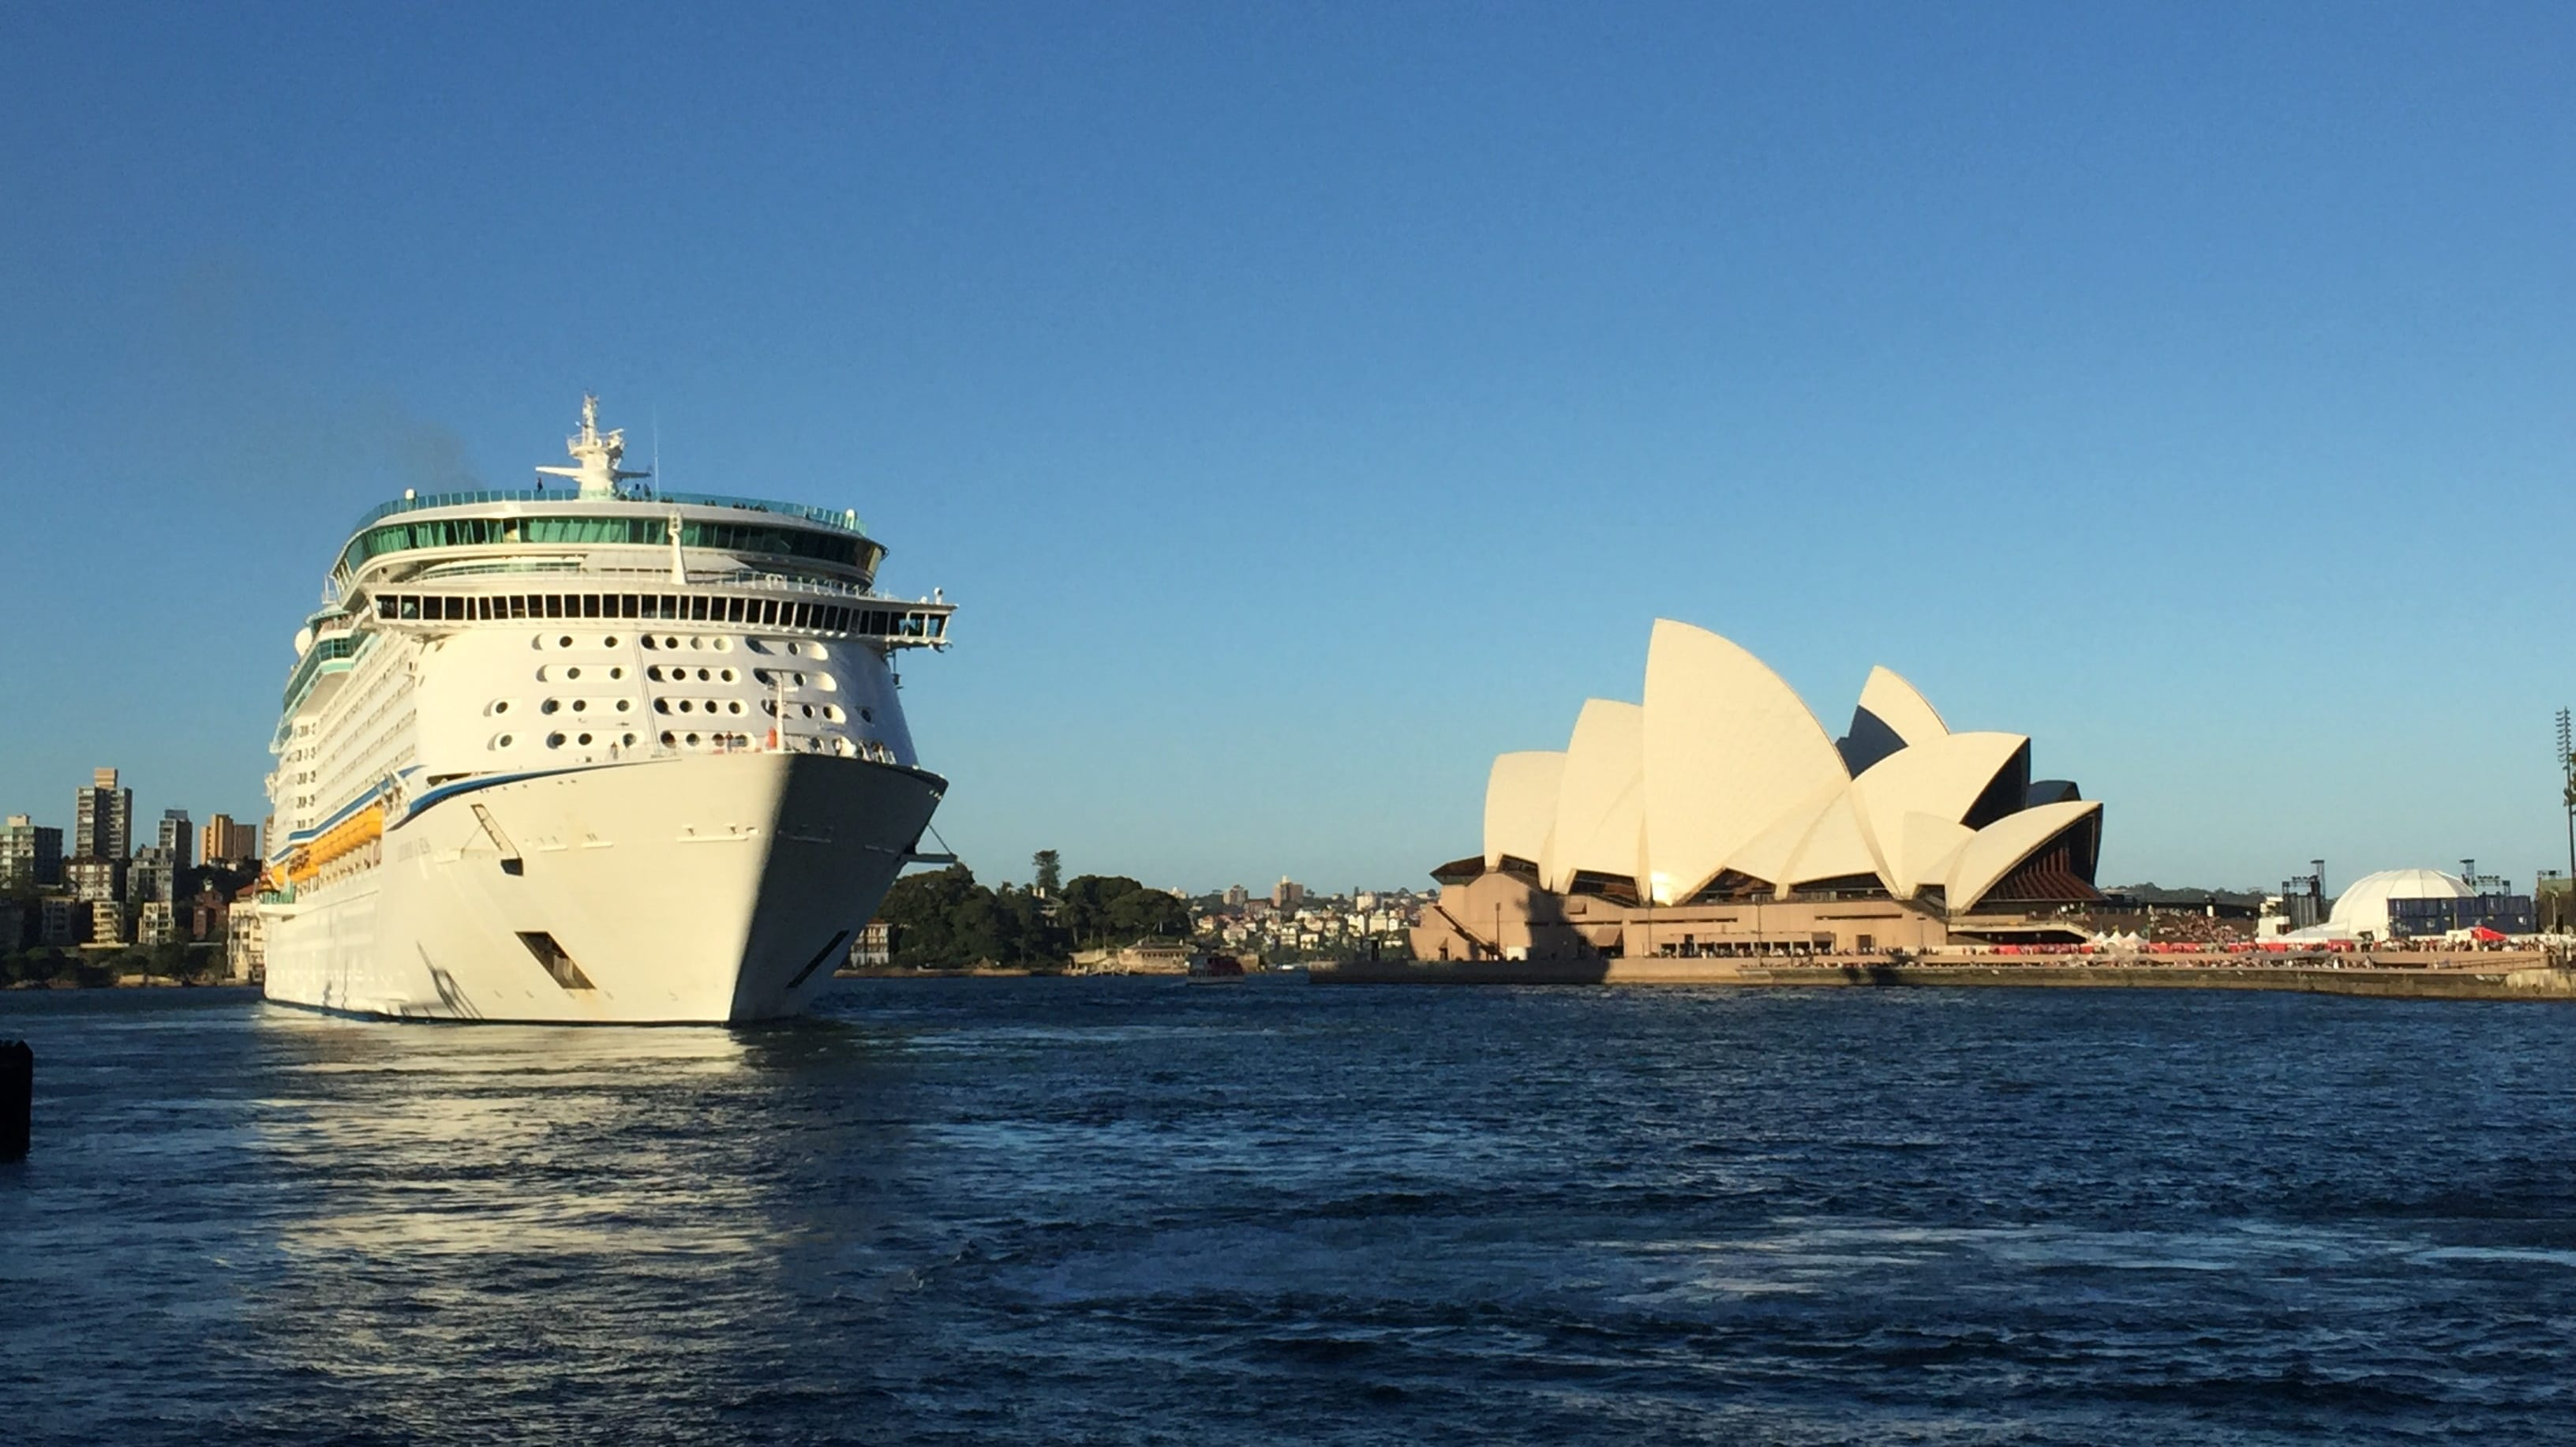 澳大利亚悉尼 墨尔本 黄金海岸 新西兰奥克兰 罗托鲁瓦12日跟团游·直